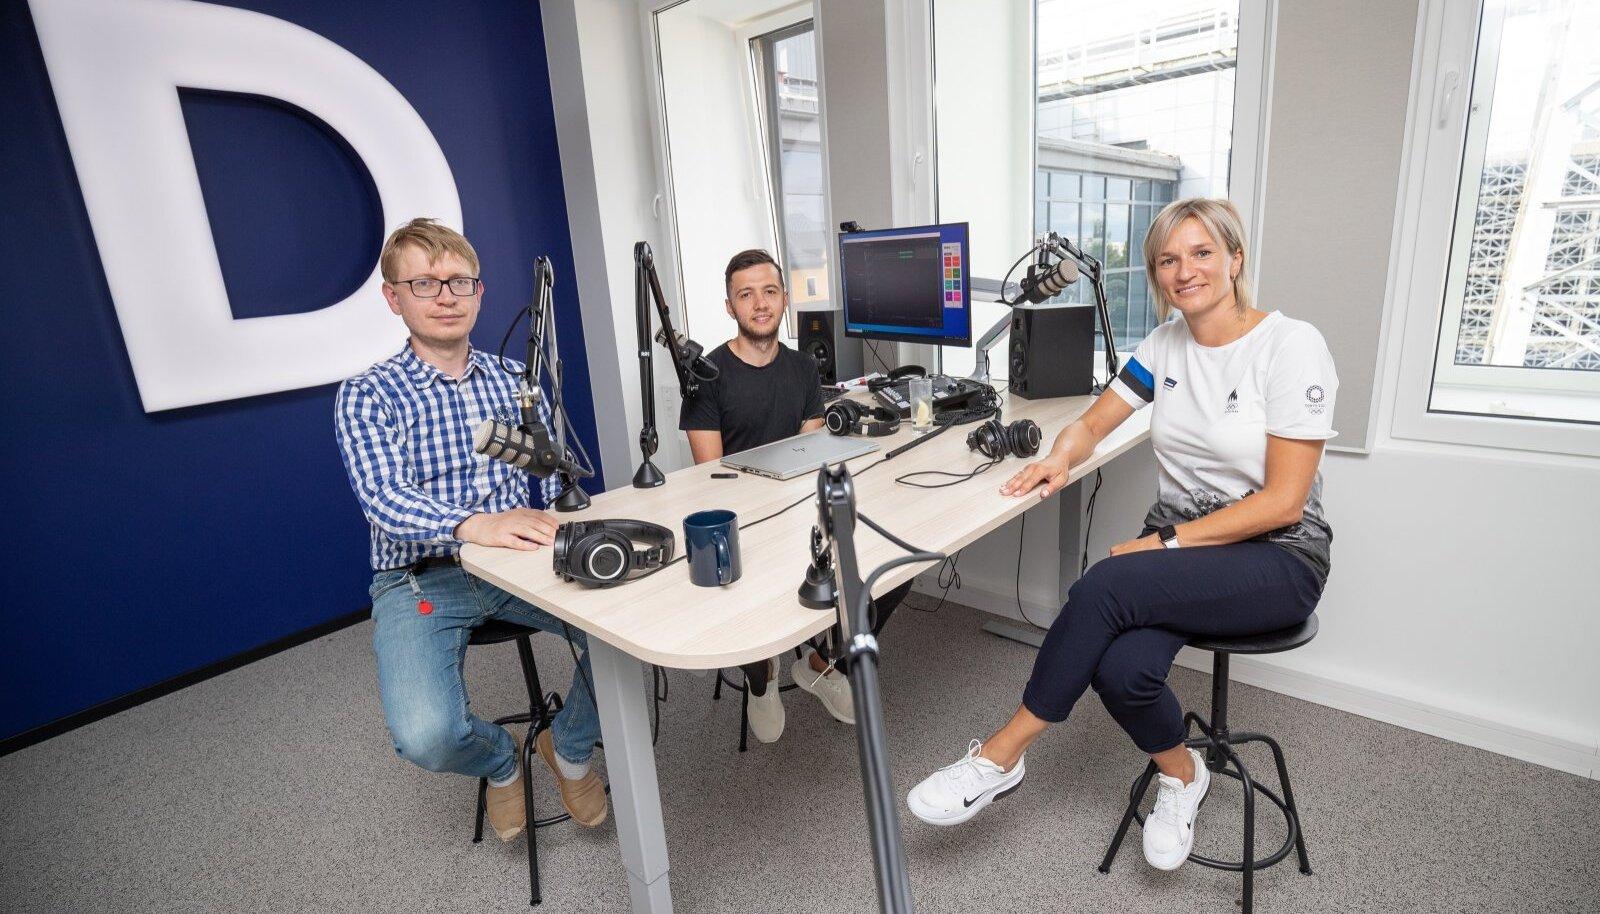 Андрей Шумаков, Виталий Бесчастный и Наталья Инно